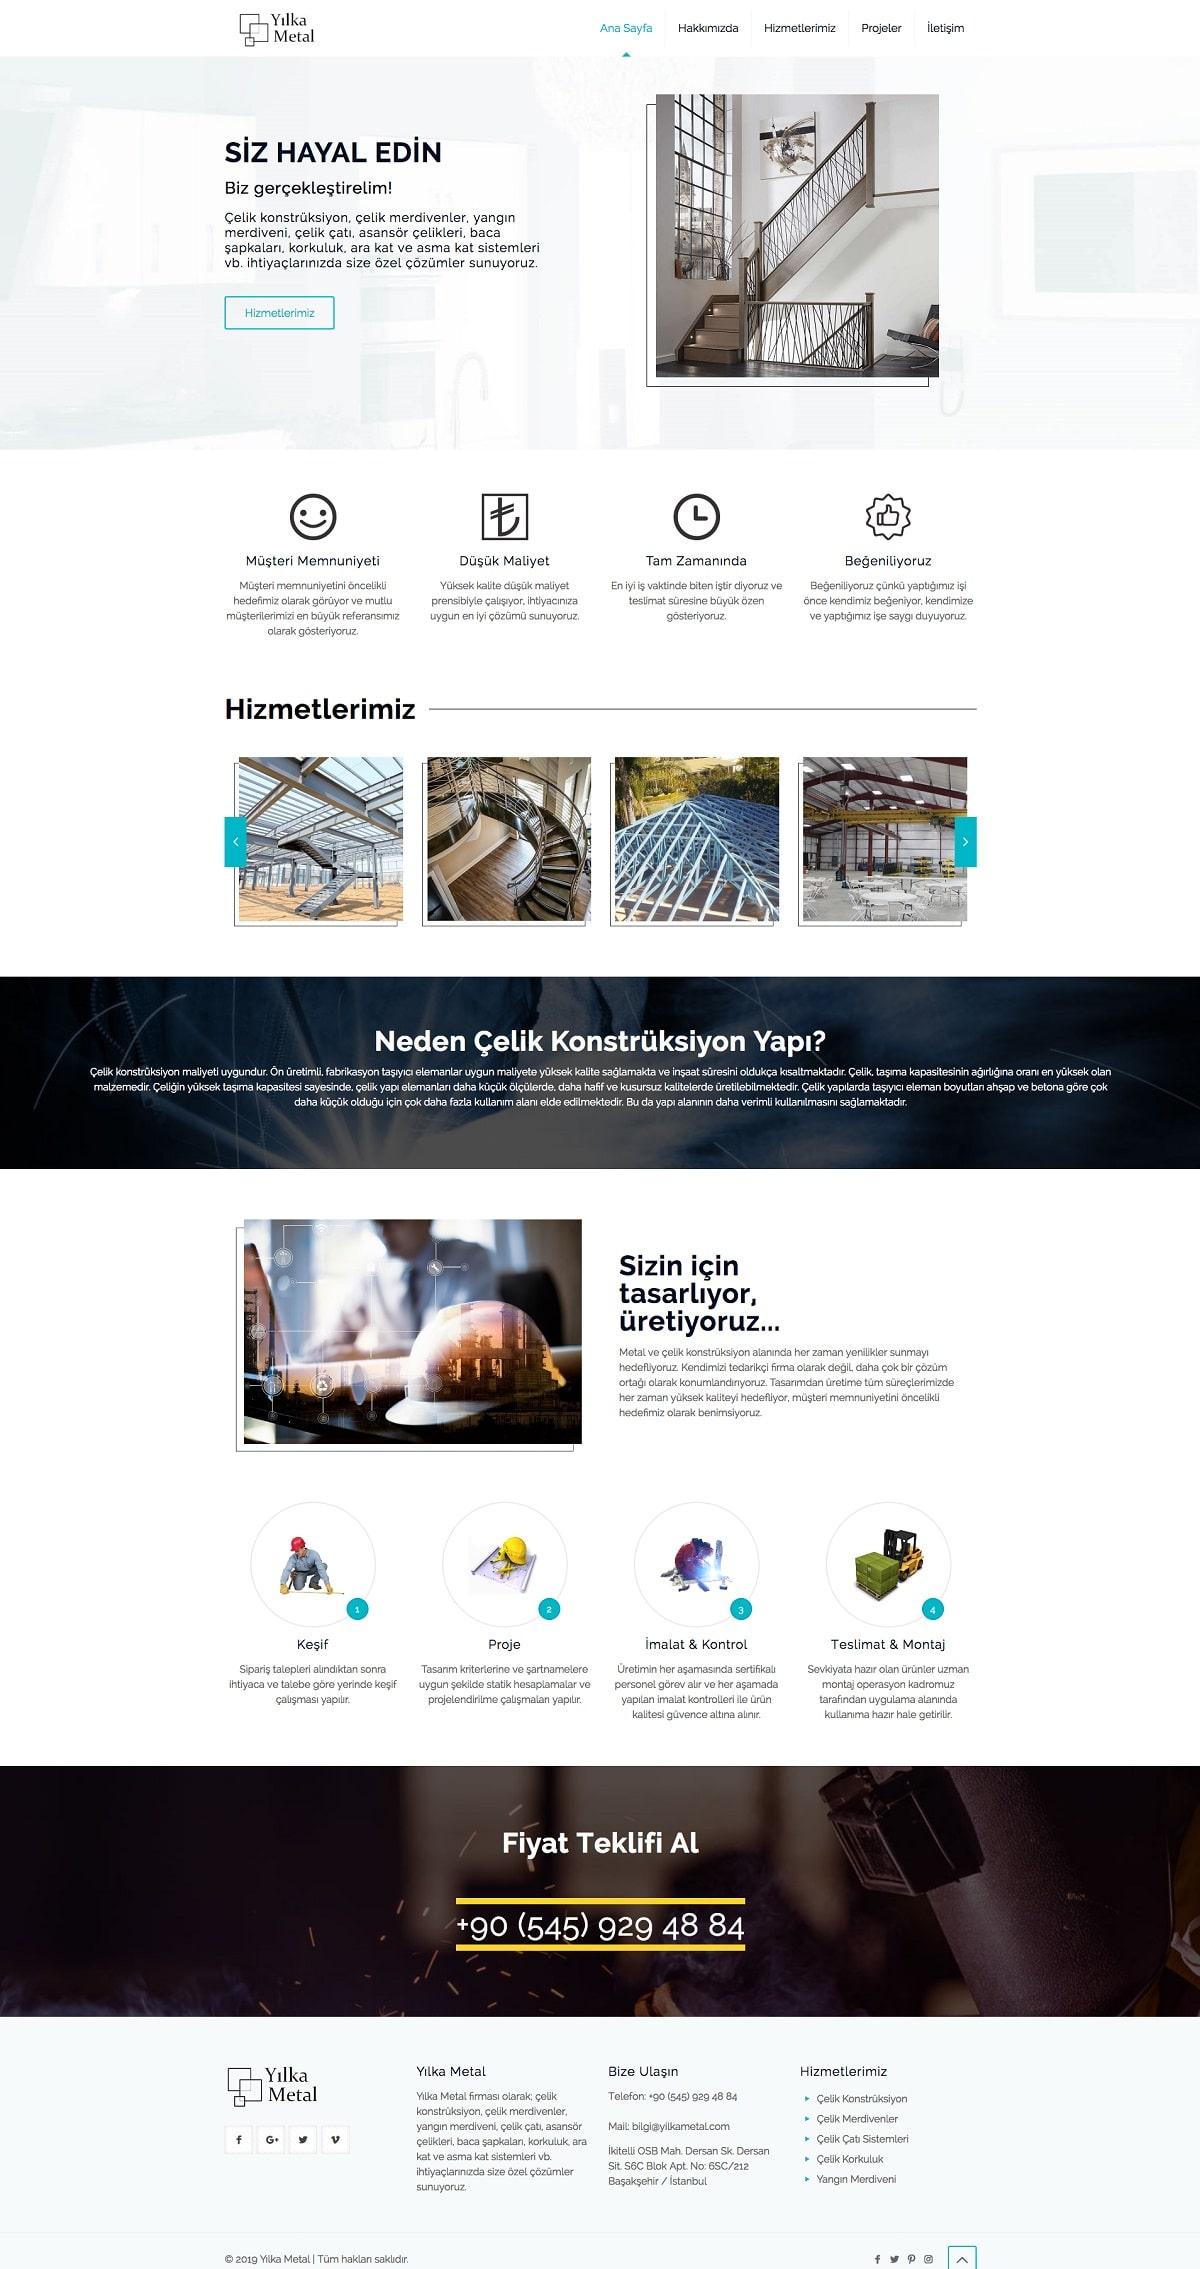 Yılka Metal Web Sitesi | Metal Çelik Konstrüksiyon Web Sitesi